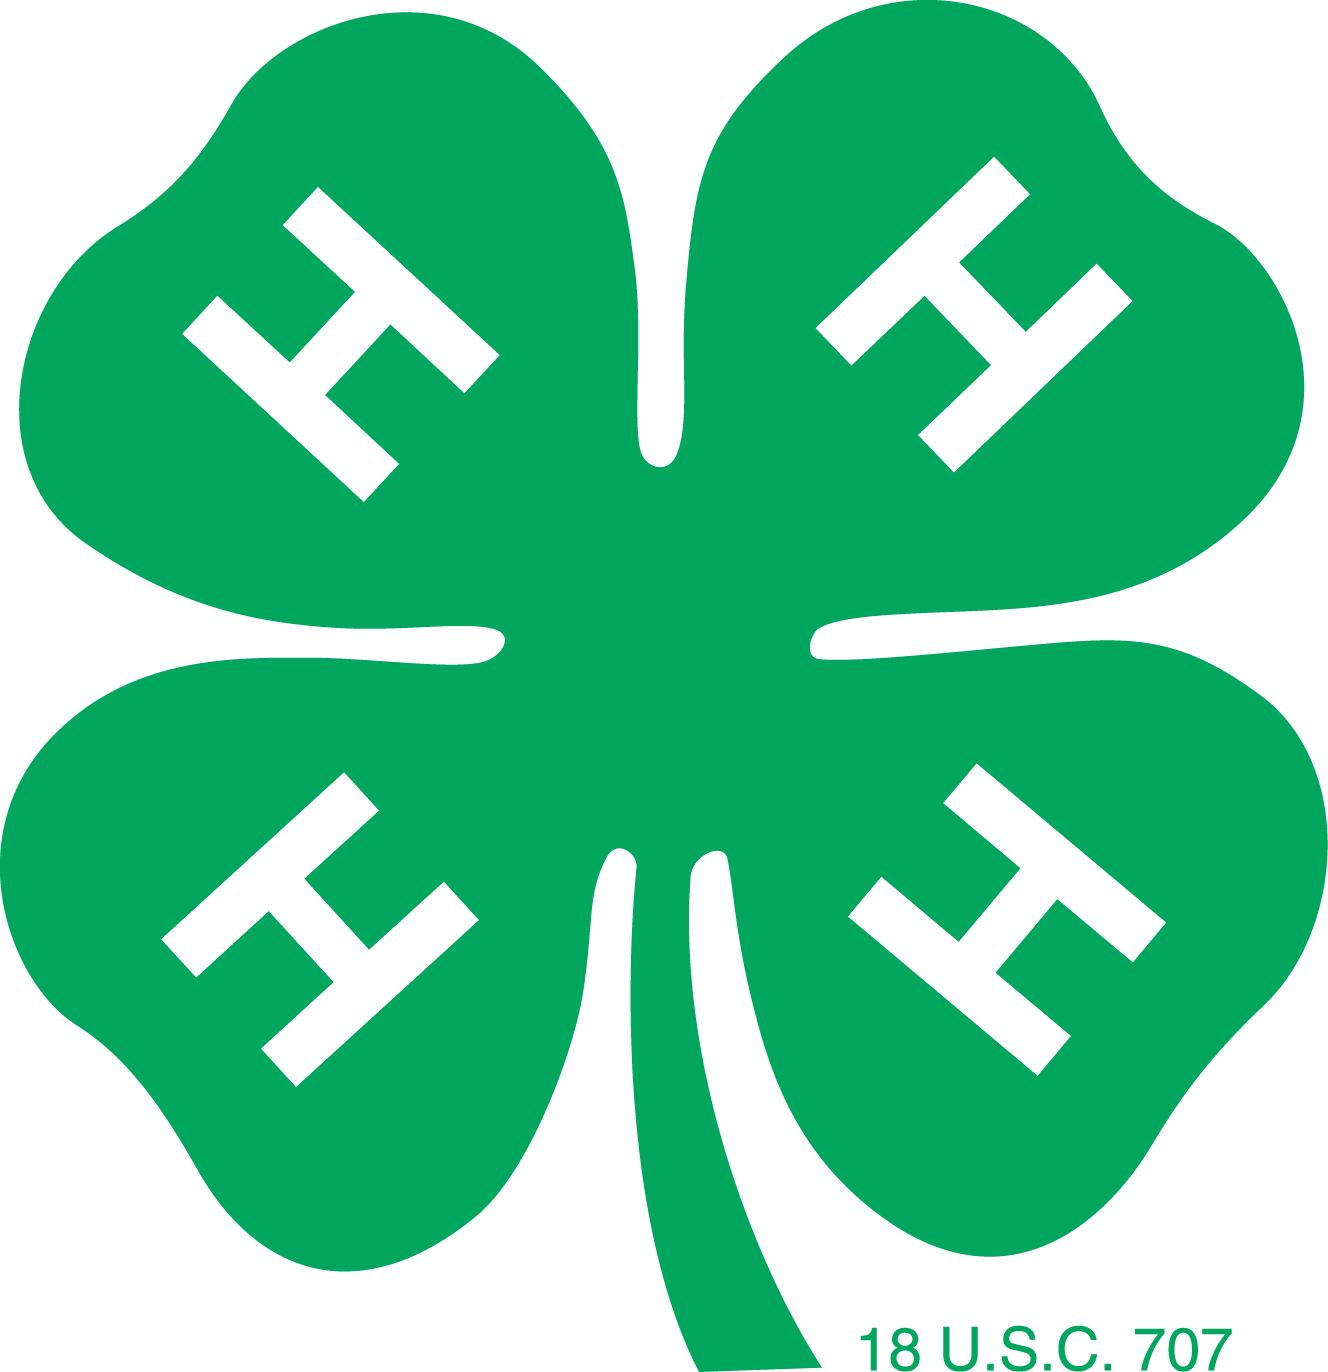 Green-Clover-JPEG.jpg